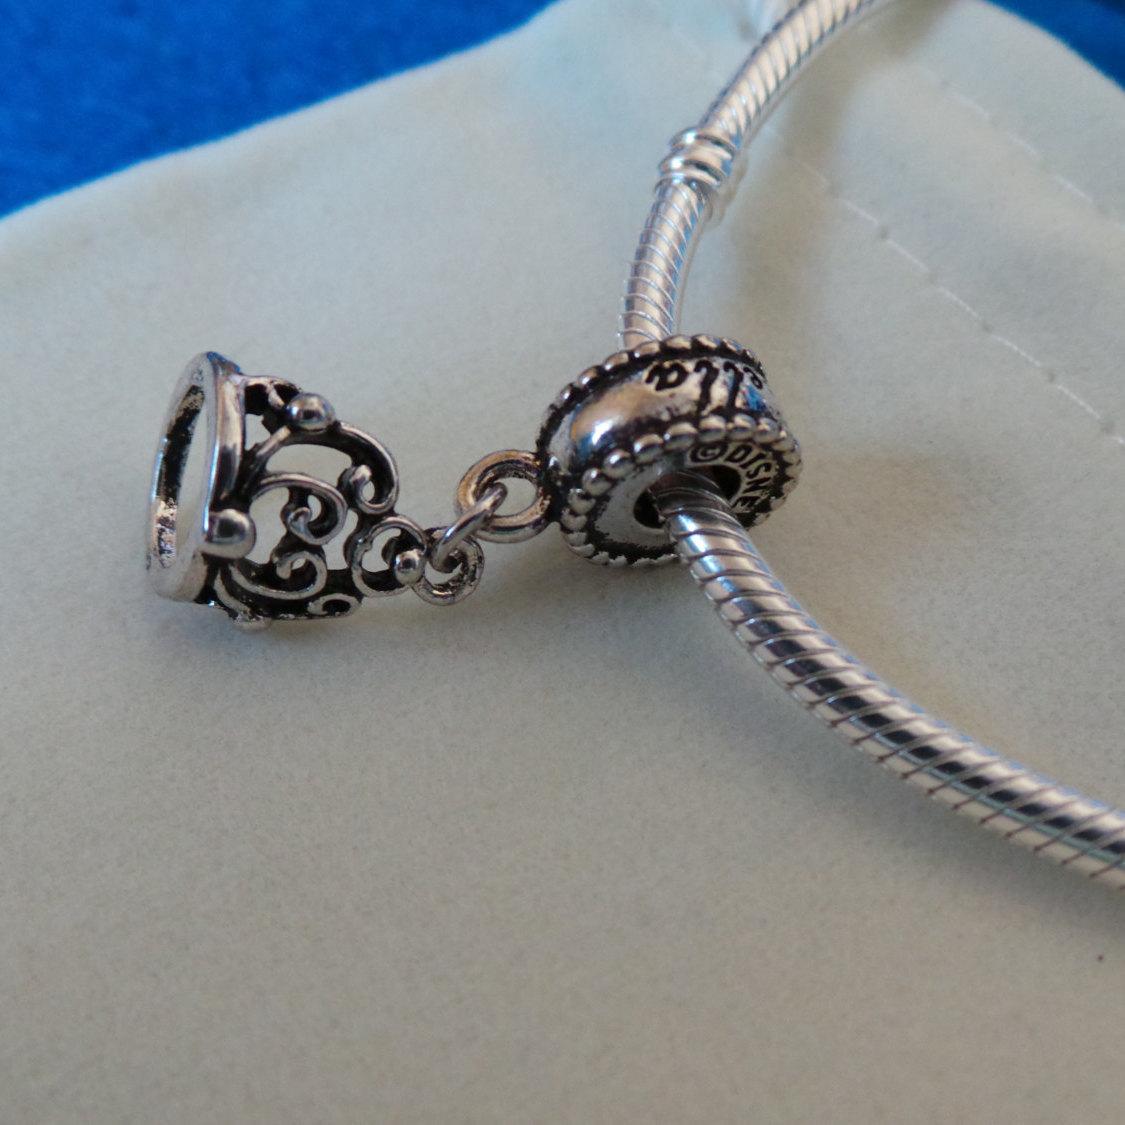 NEW Disney Princess Theme Charm - Cinderella's Tiara Crown silver plate + pouch